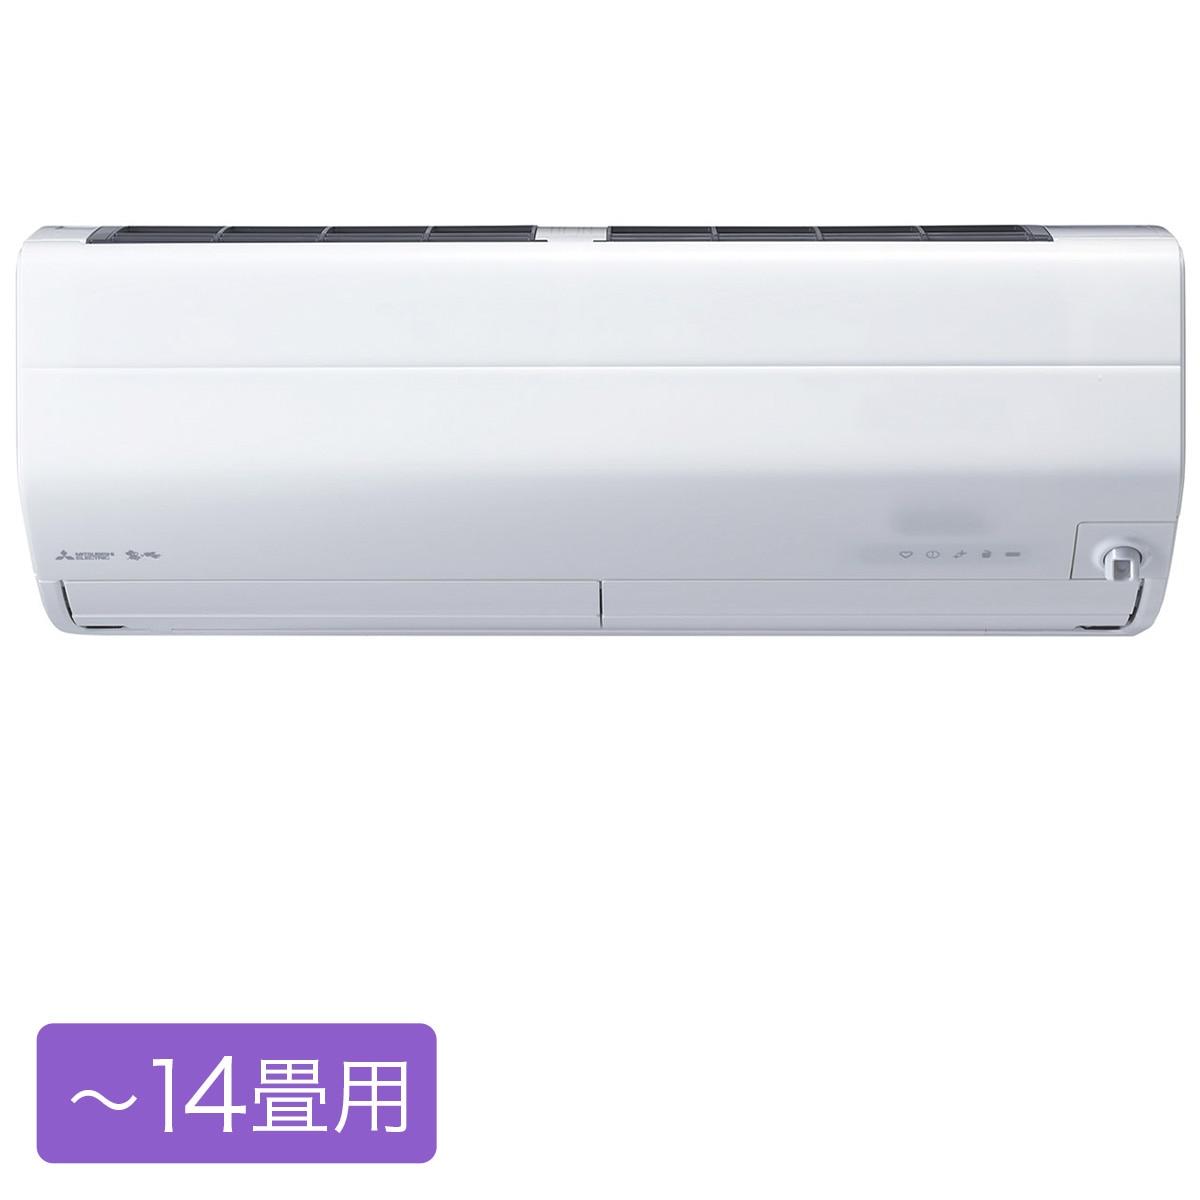 三菱電機 霧ヶ峰 Zシリーズ ルームエアコン 14畳用 ピュアホワイト【大型商品(設置工事可)】 MSZ-ZXV4021S-W